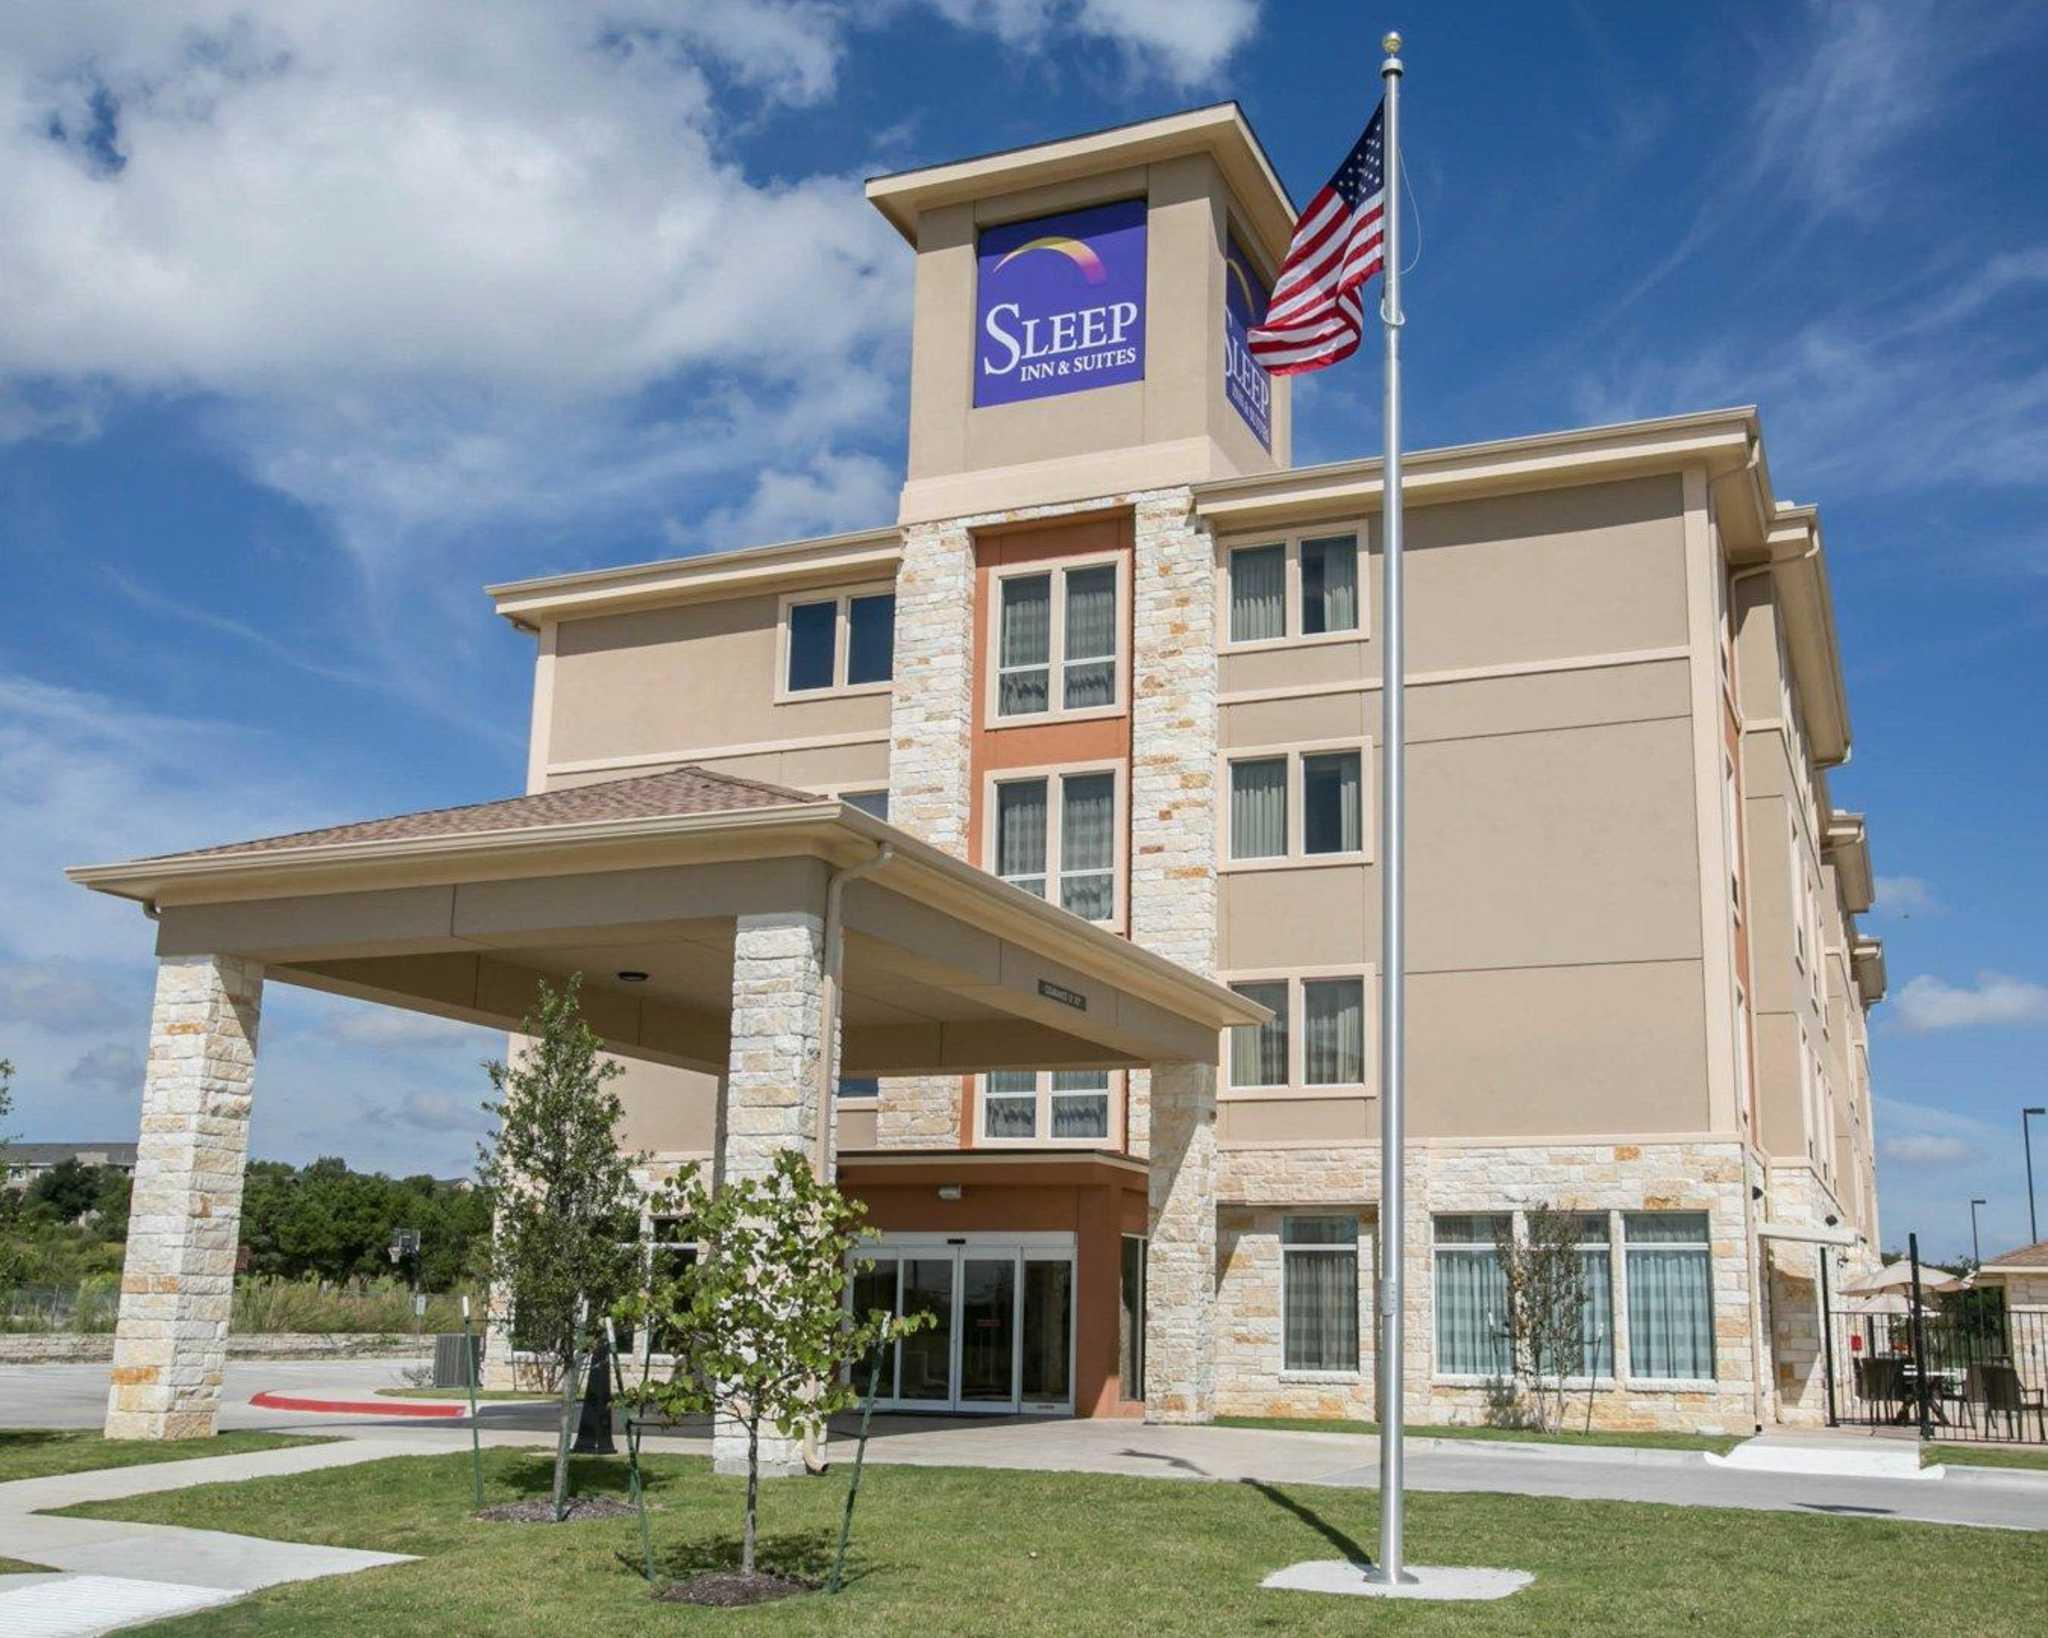 Sleep Inn & Suites Austin - Northeast image 2